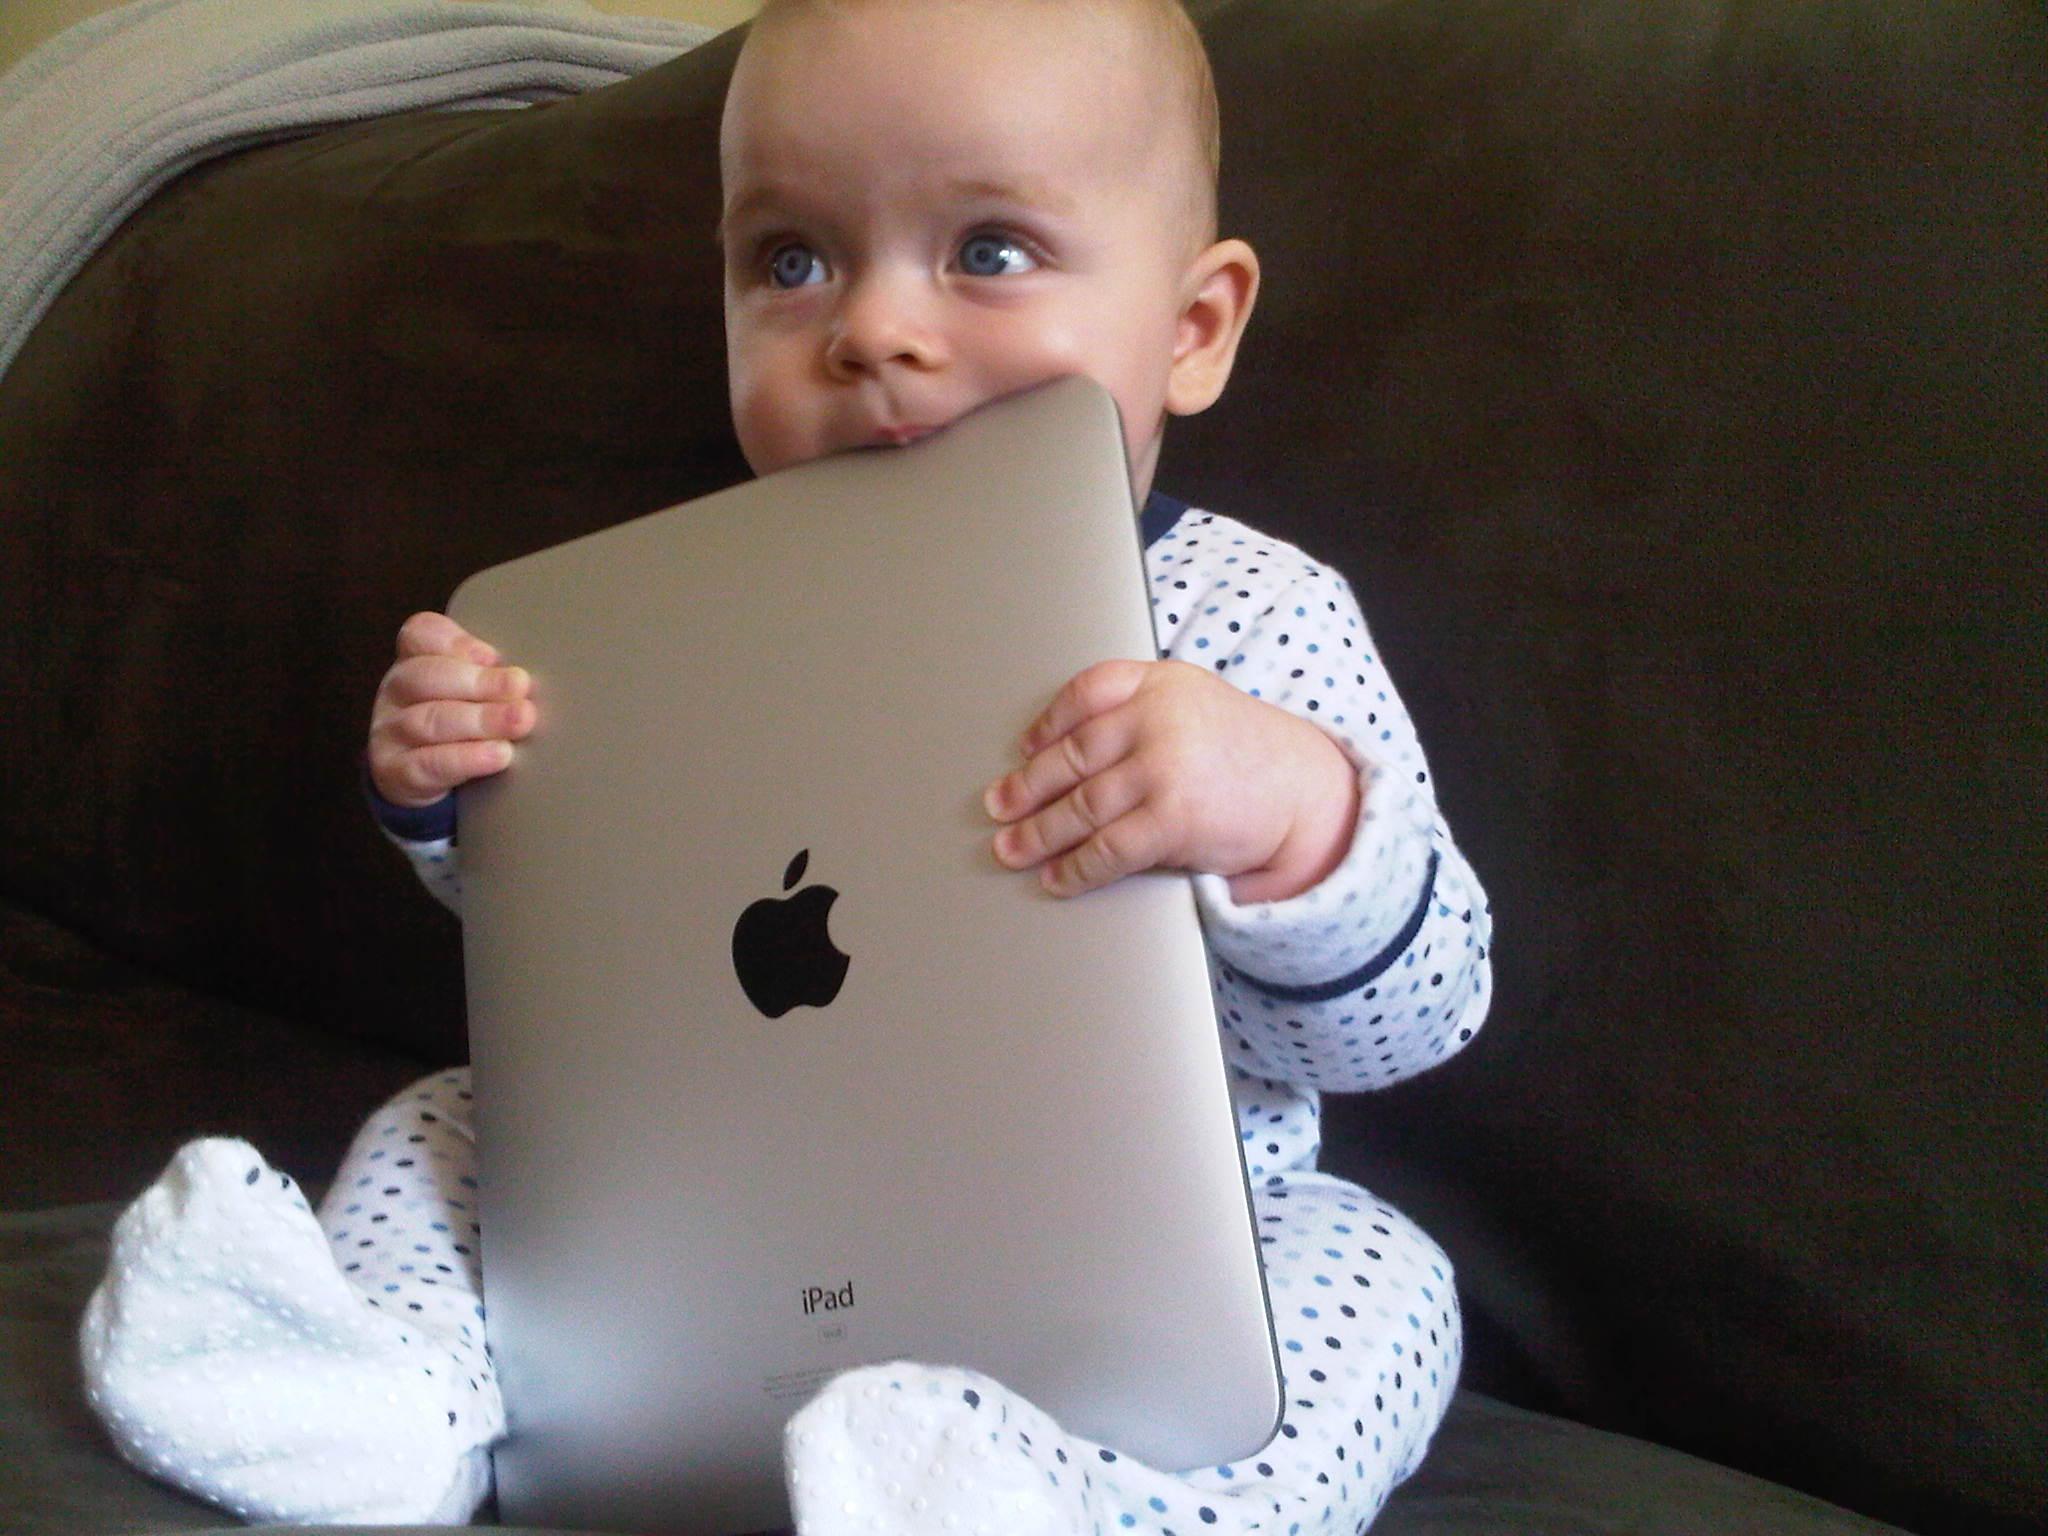 baby-ipad.jpg